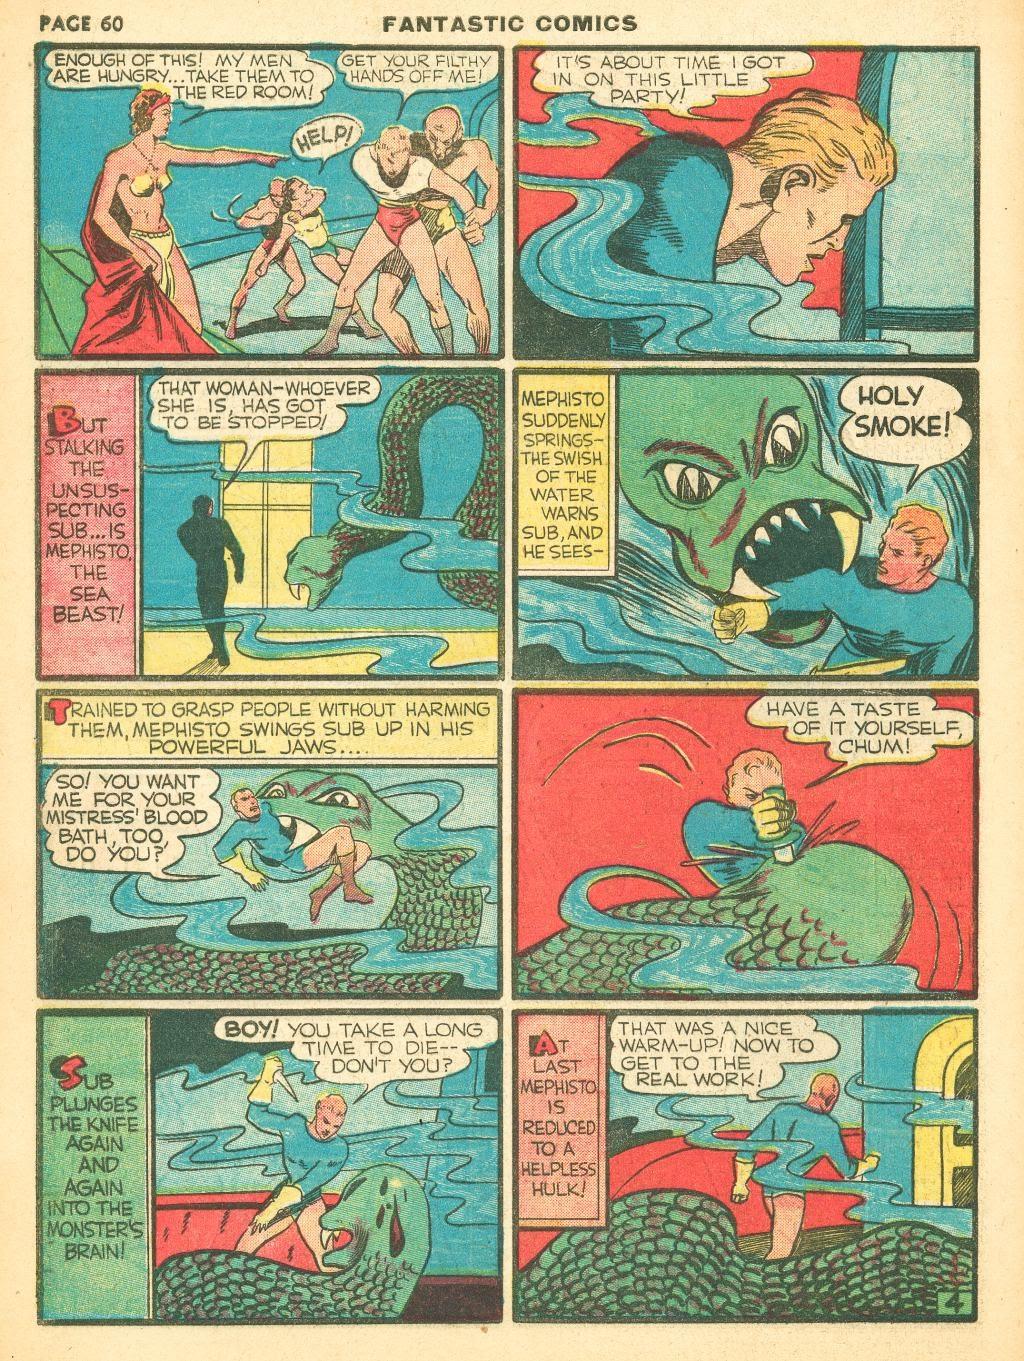 Read online Fantastic Comics comic -  Issue #12 - 62